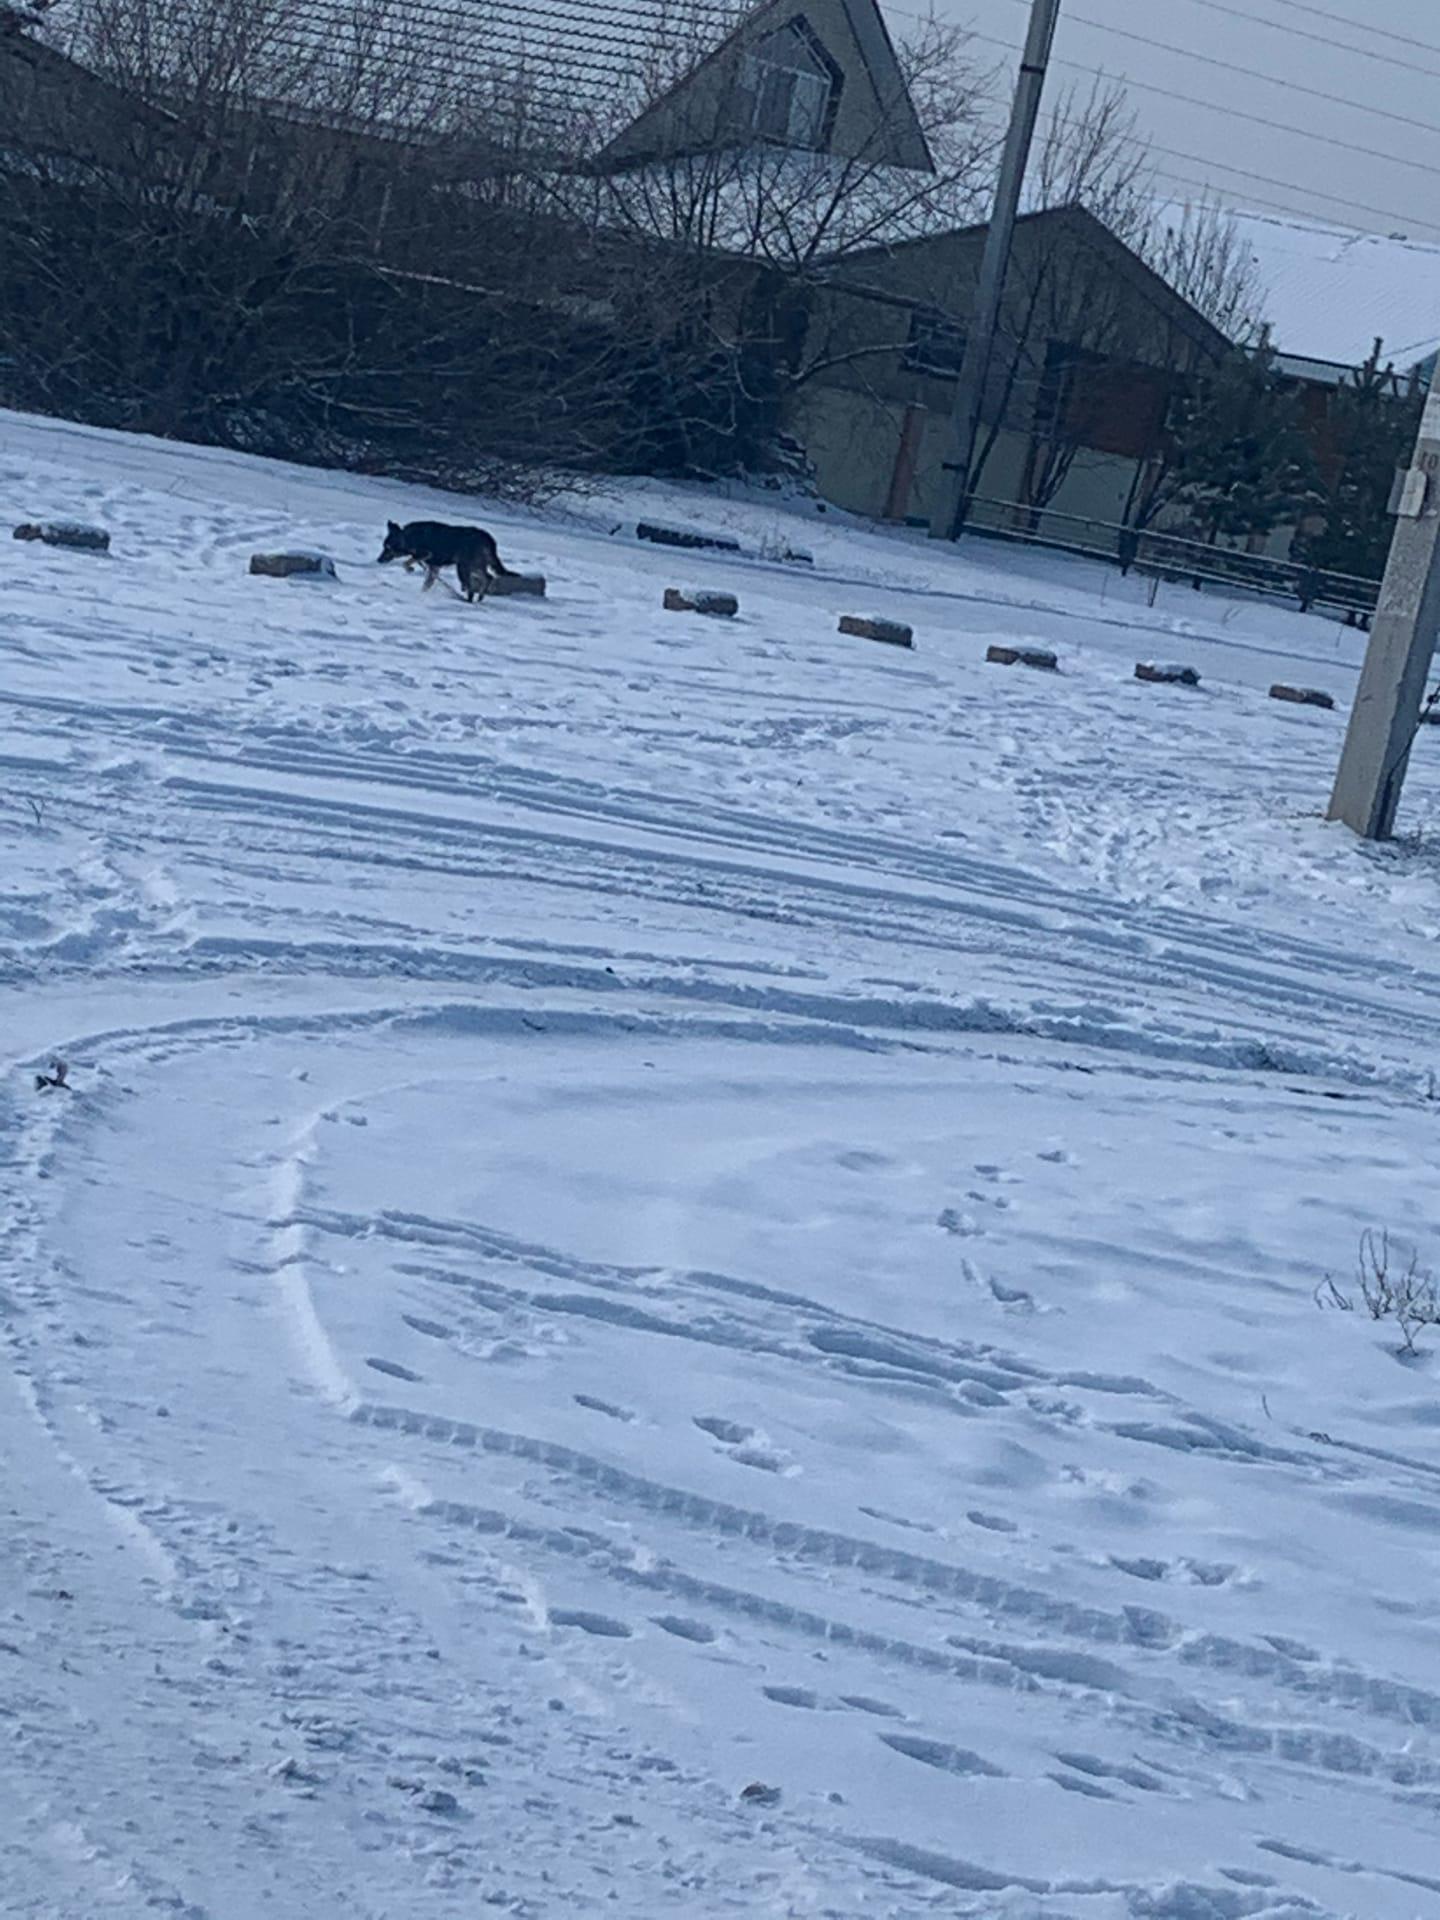 В районе домиков , около адреса Ленина 238 бегает собака с оторванной цепью .